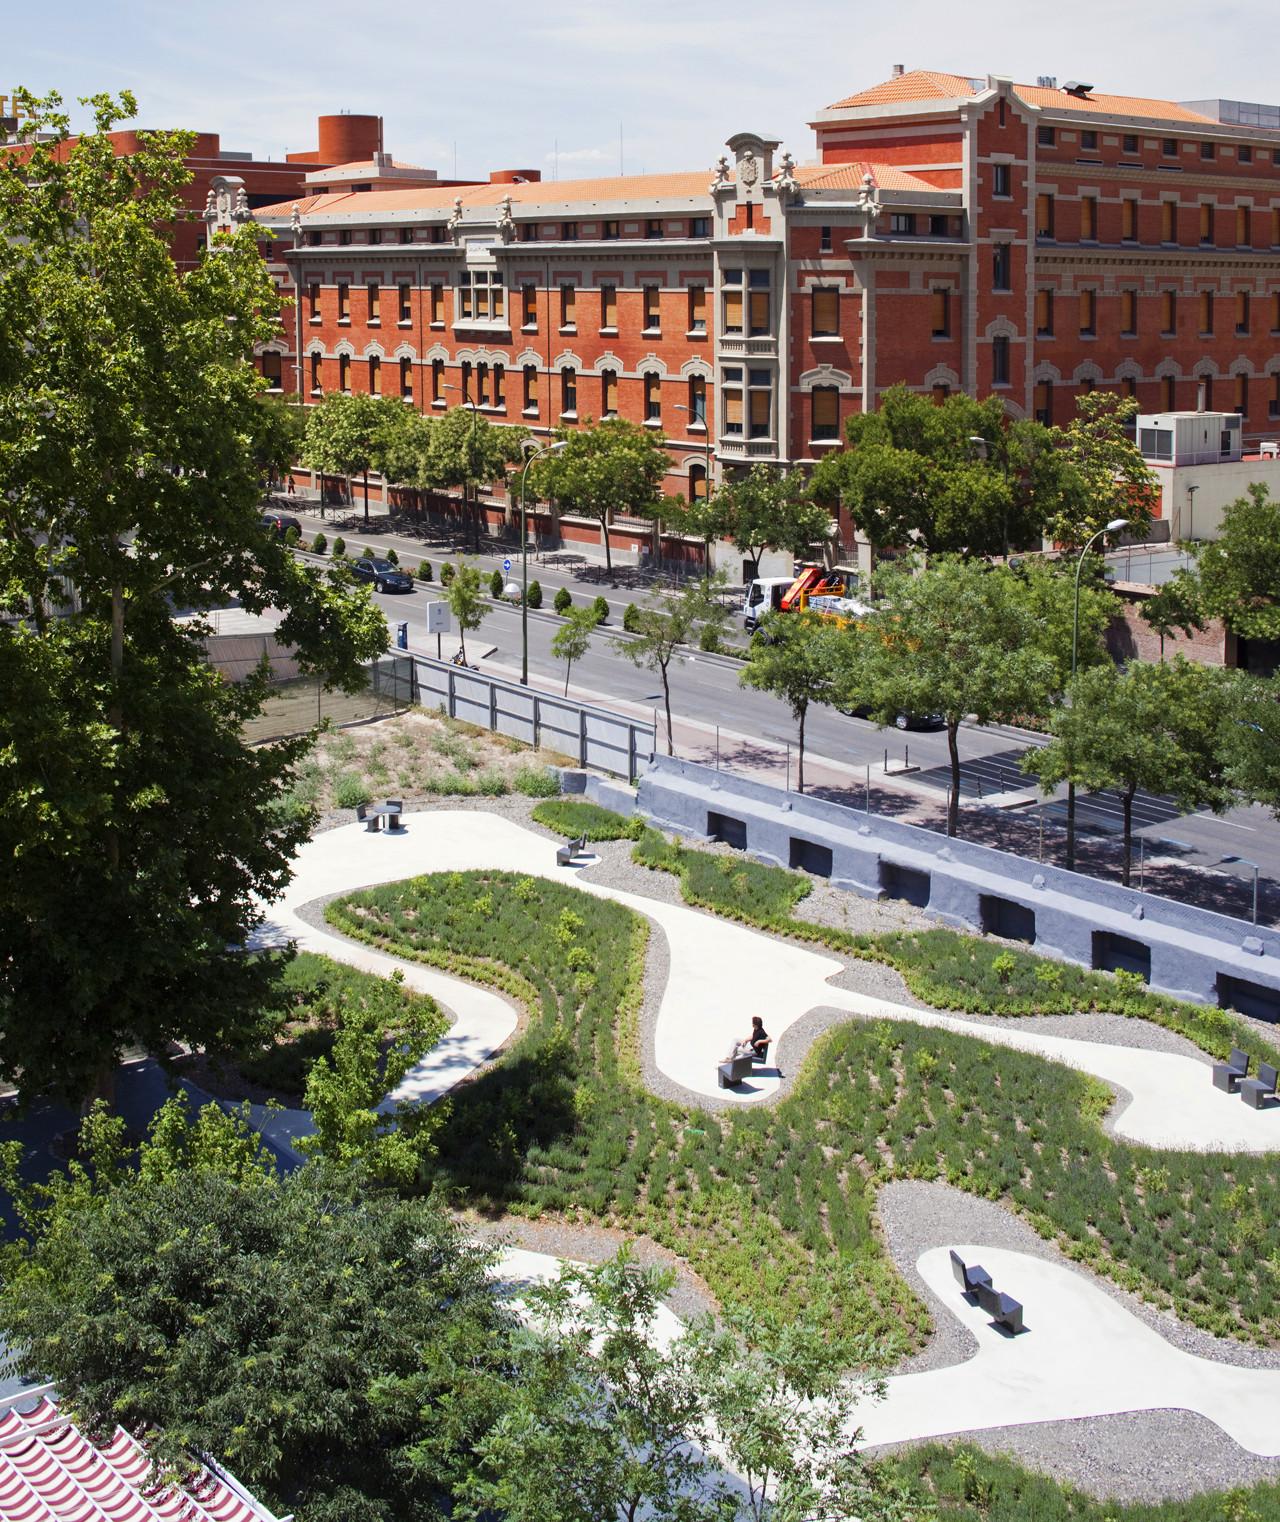 Galeria de arquitetura e paisagem jardim do lar de idosos for Cd market galeria jardin